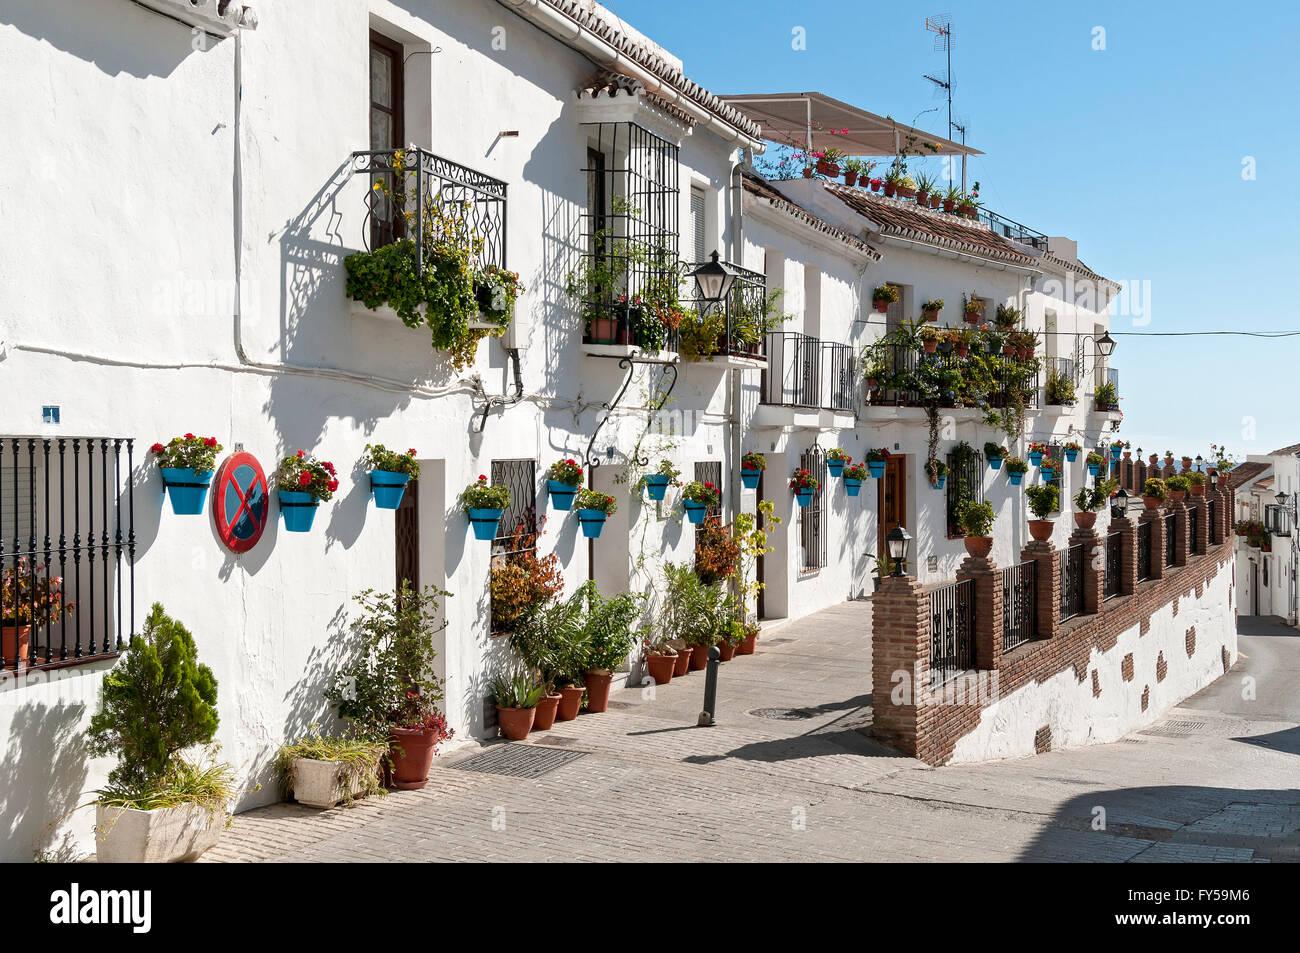 Calle muro street con casas encaladas mijas pueblo - Casas gratis en pueblos de espana ...